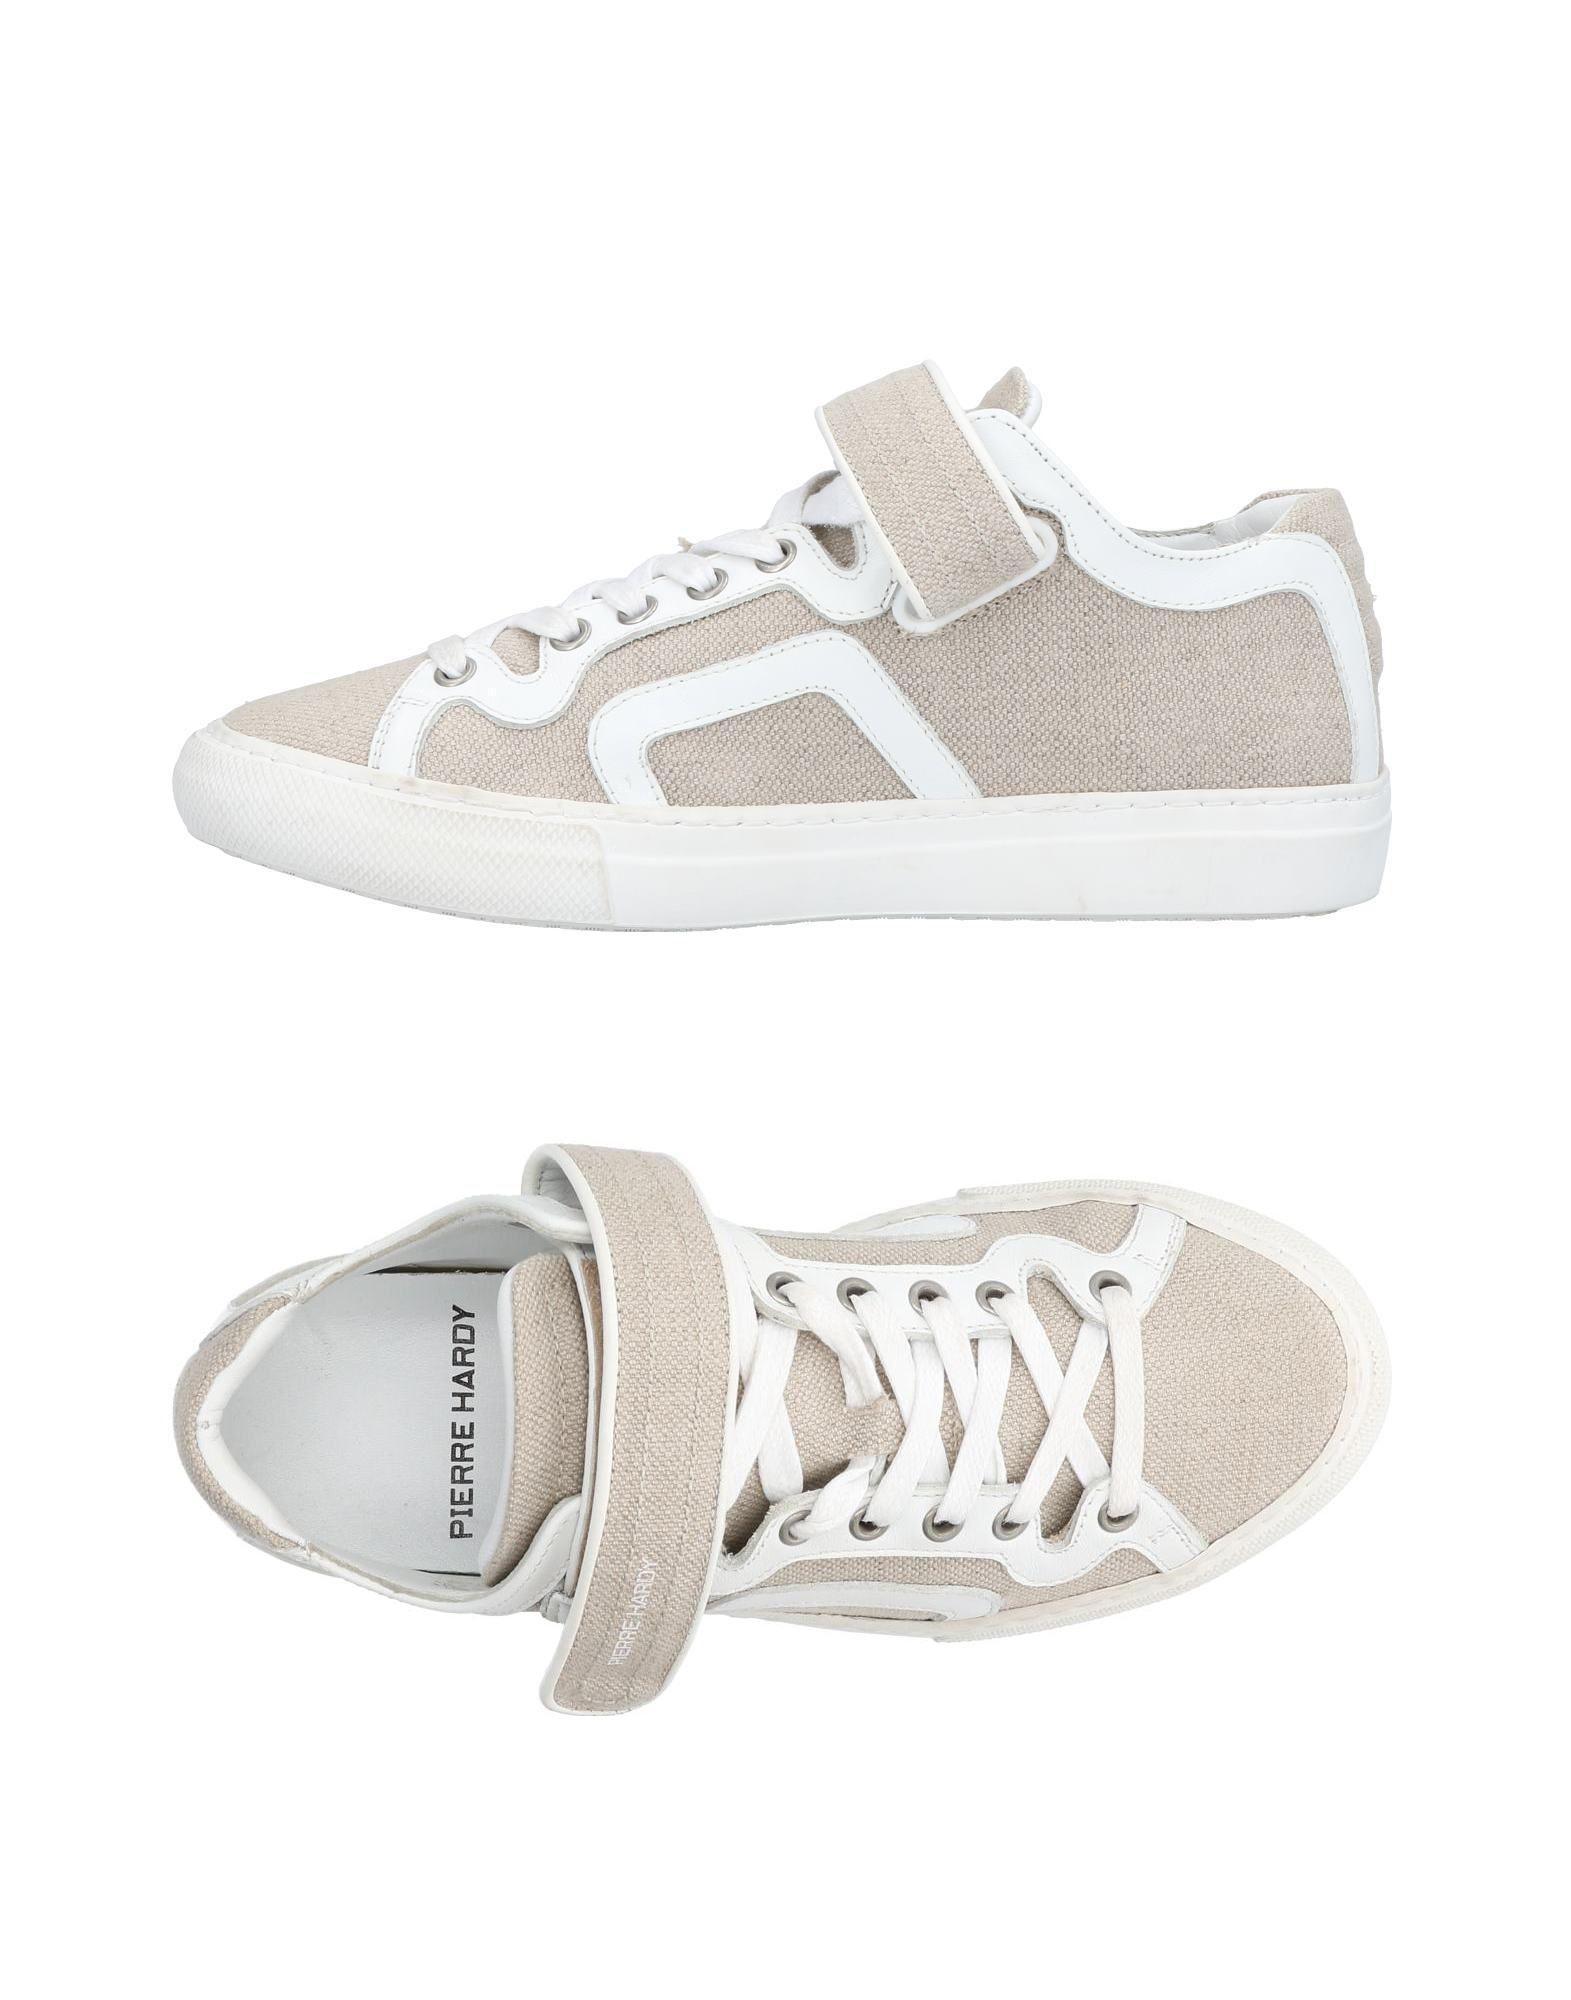 FOOTWEAR - Low-tops & sneakers Pierre Hardy g61F7MVJ